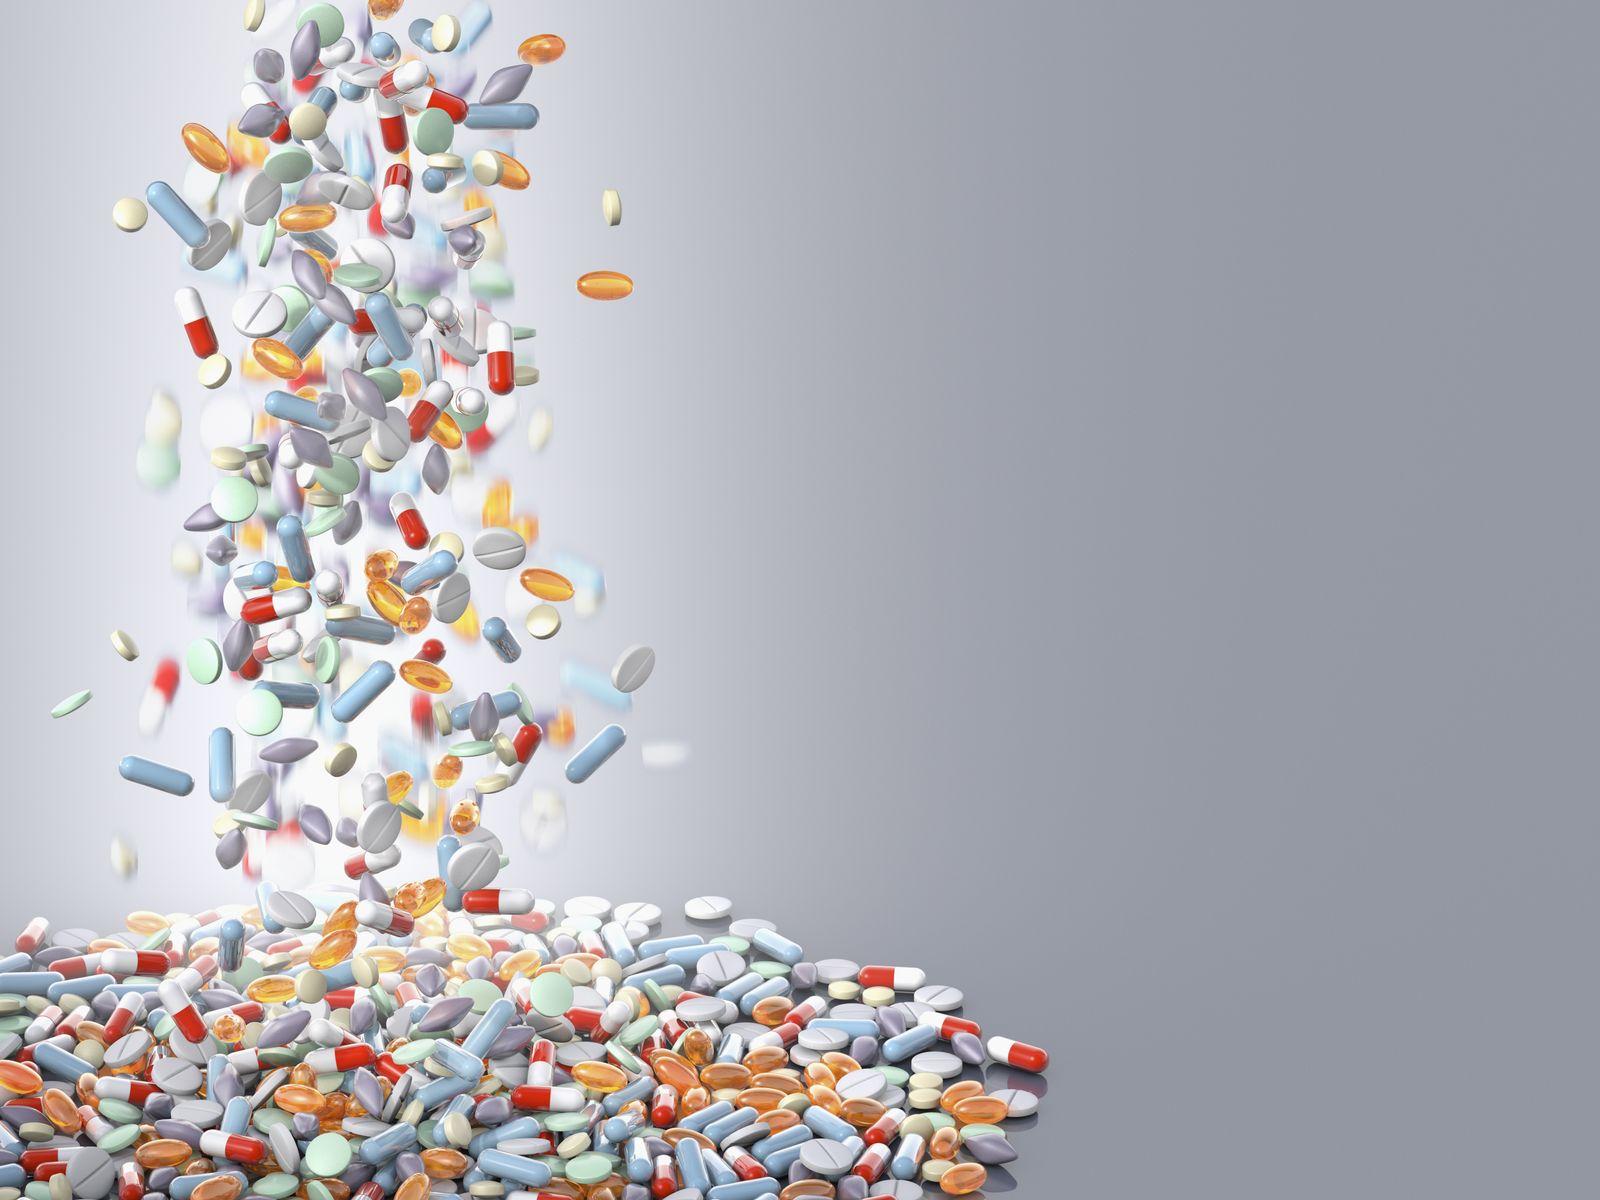 NICHT MEHR VERWENDEN! - Pillen / Tabletten